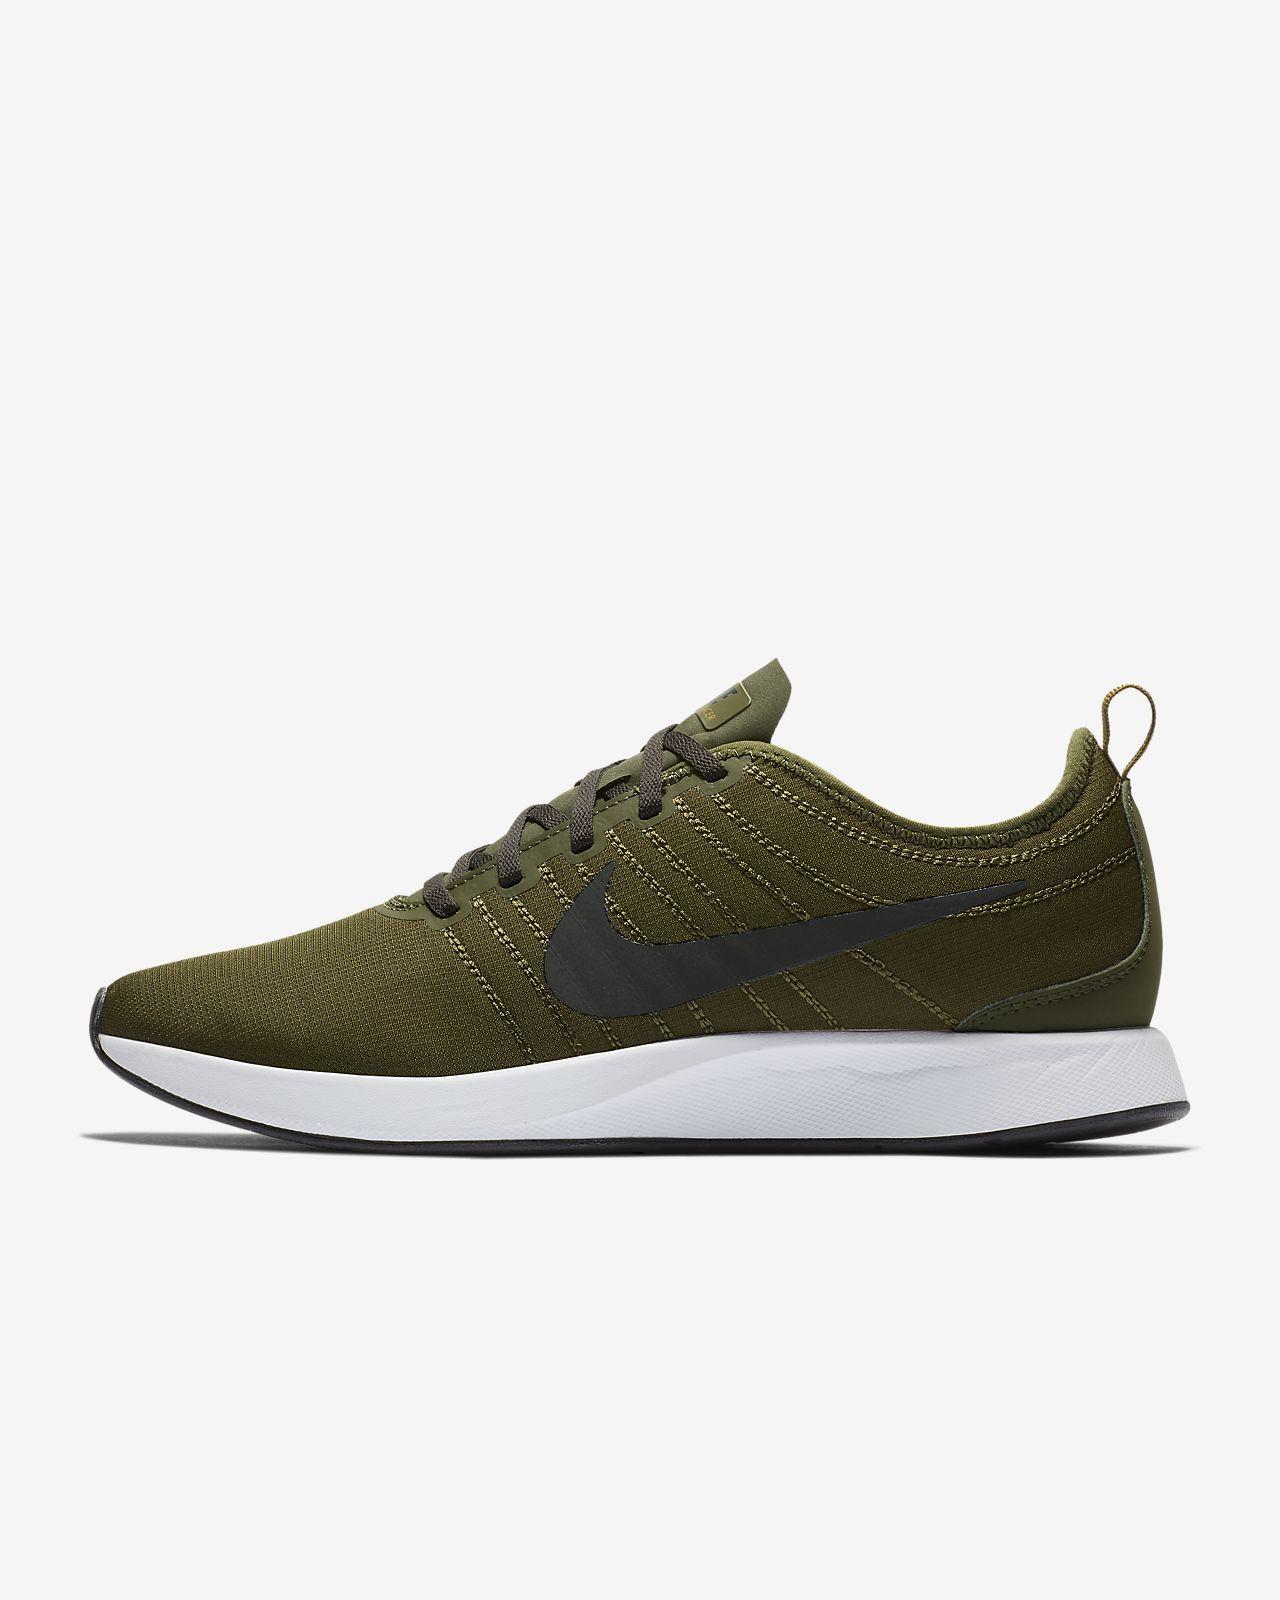 premium selection 1439f 50487 ... Chaussure Nike Dualtone Racer pour Homme